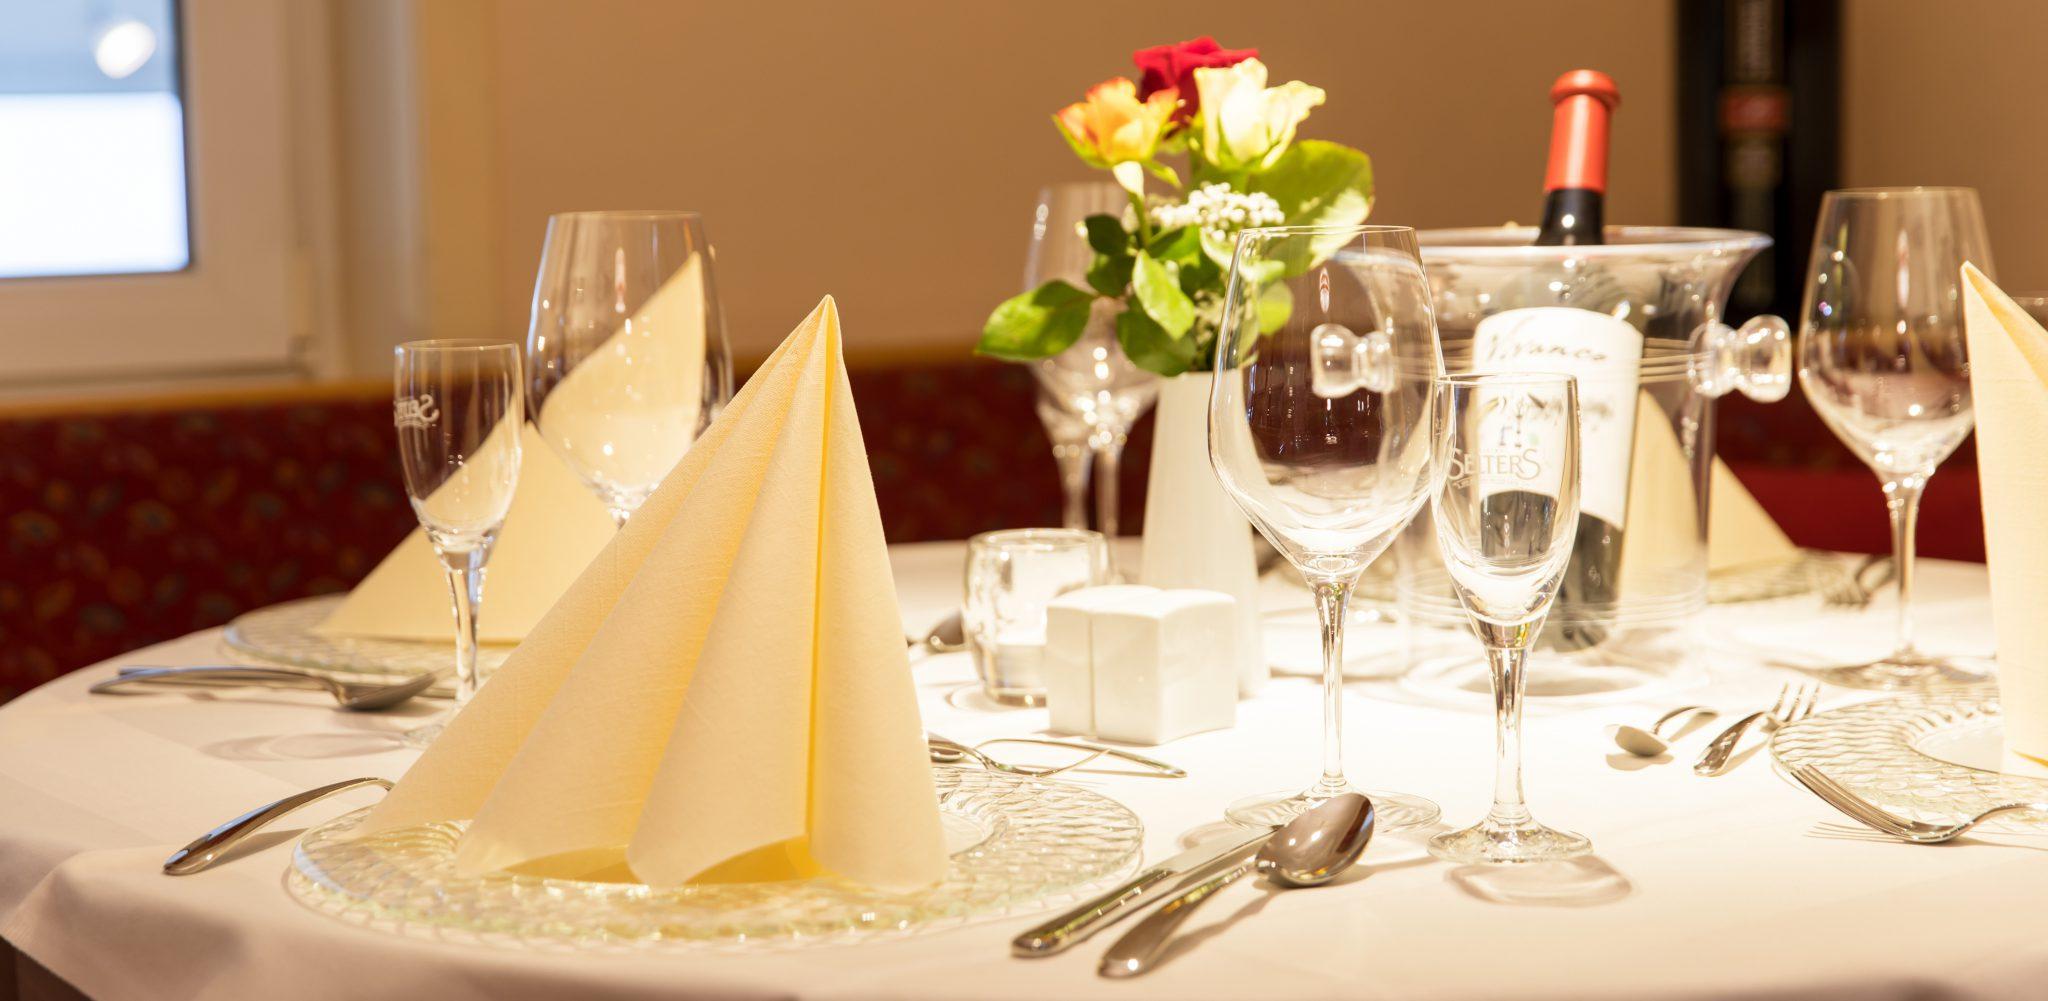 Gepflegt essen gehen für Gäste aus Bad Wildungen, Fritzlar, Waldeck und Umgebung